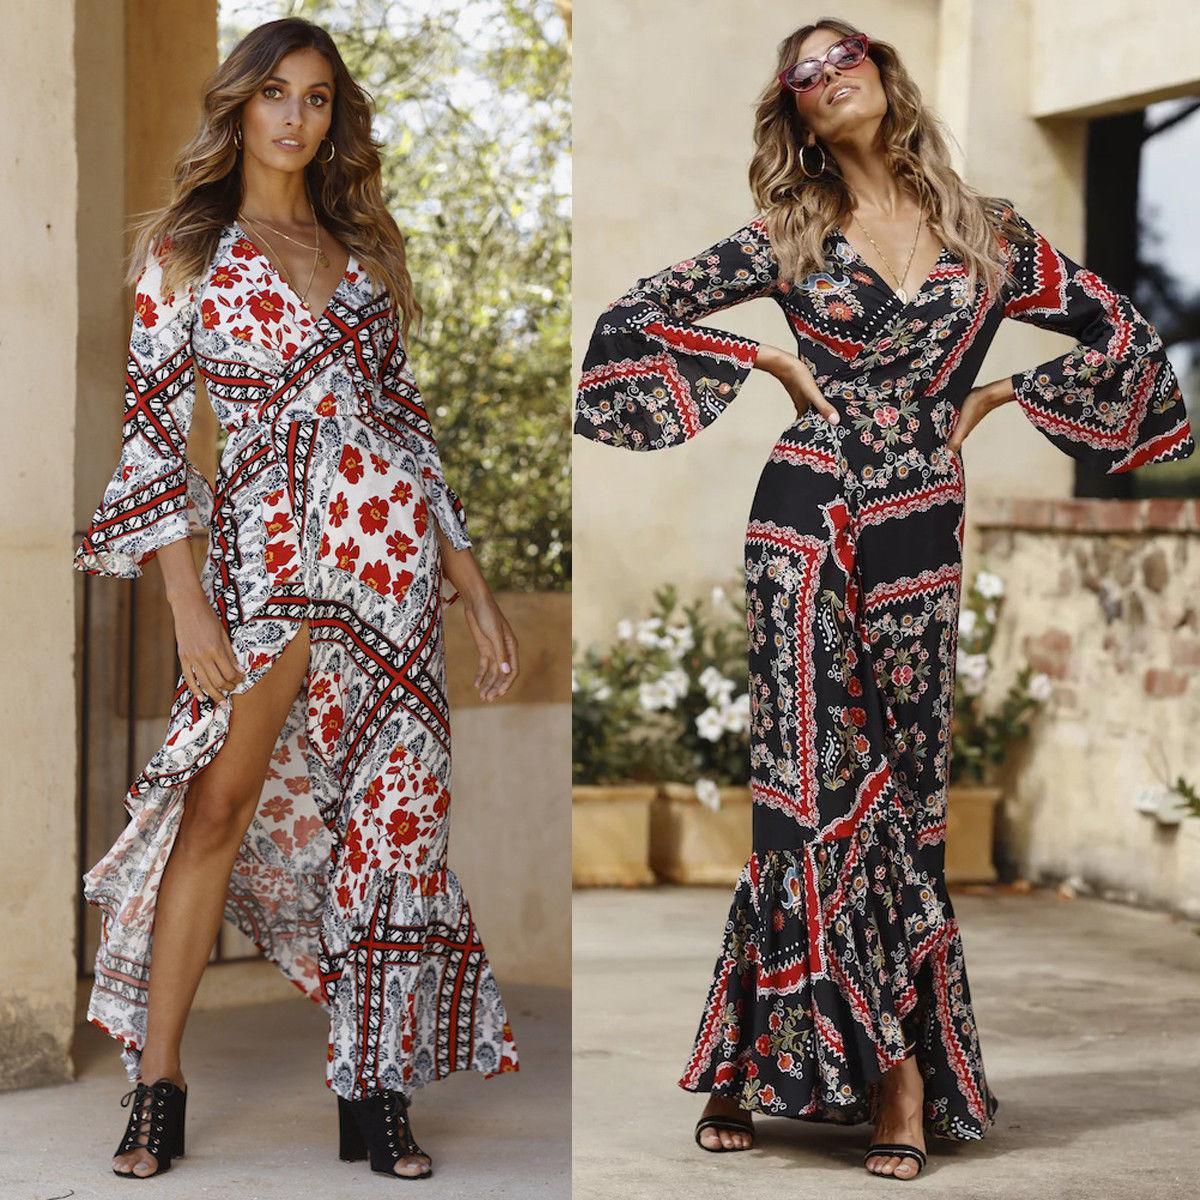 3fc89add7e Women Summer Boho Chiffon Dress Party Evening Beach Dresses Long Maxi Dress  Print Sundress V Neck 2018 Graduation Maxi Dresses Summer Dresses Floral  From ...